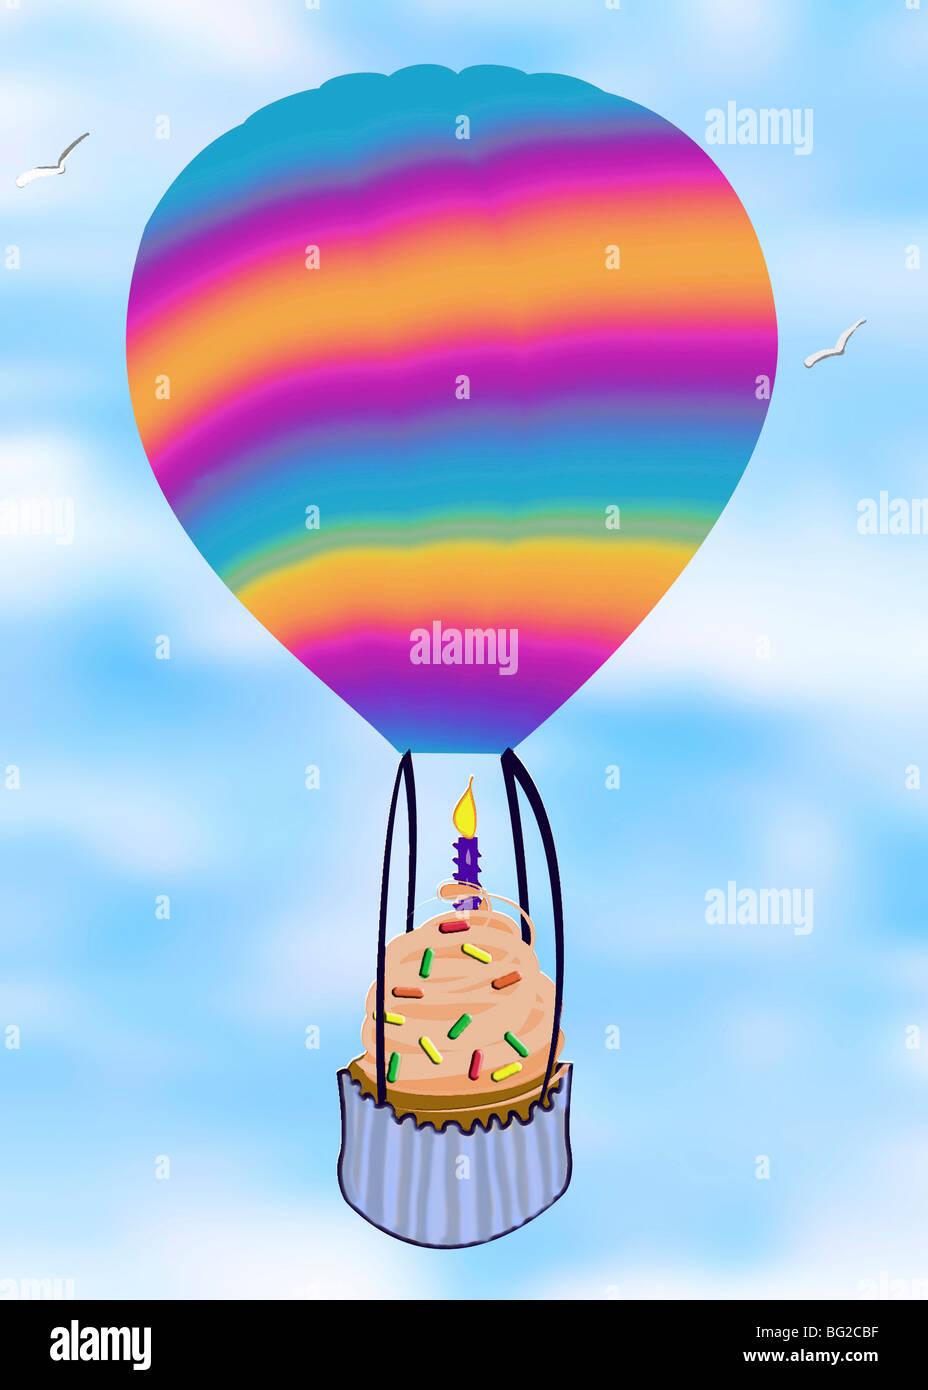 Birthday Cupcake In A Hot Air Balloon